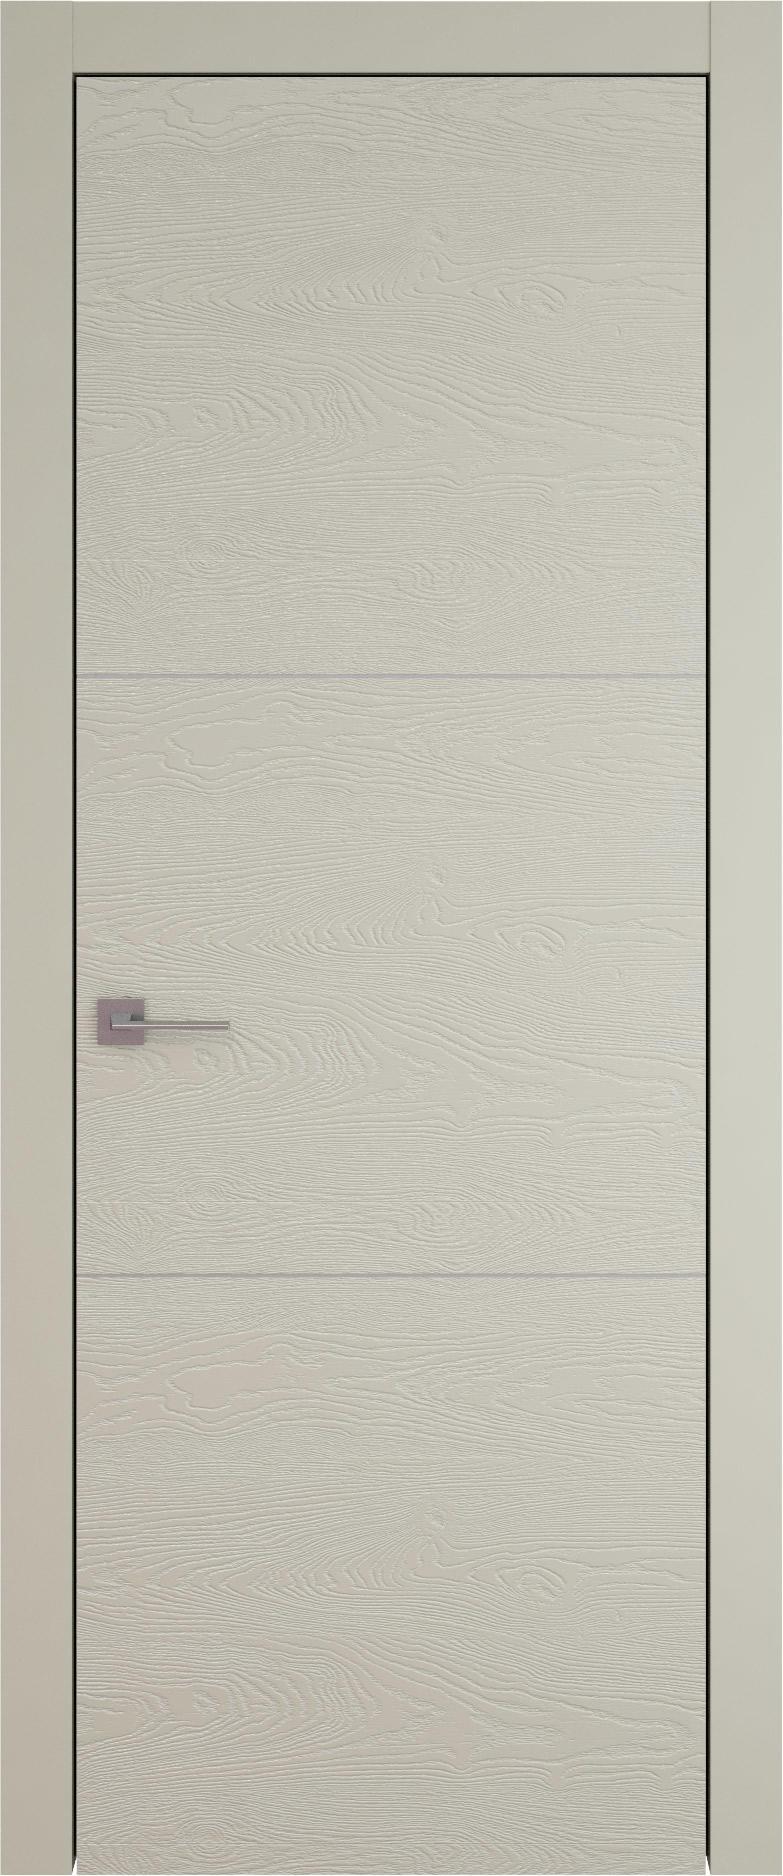 Tivoli В-3 цвет - Серо-оливковая эмаль по шпону (RAL 7032) Без стекла (ДГ)